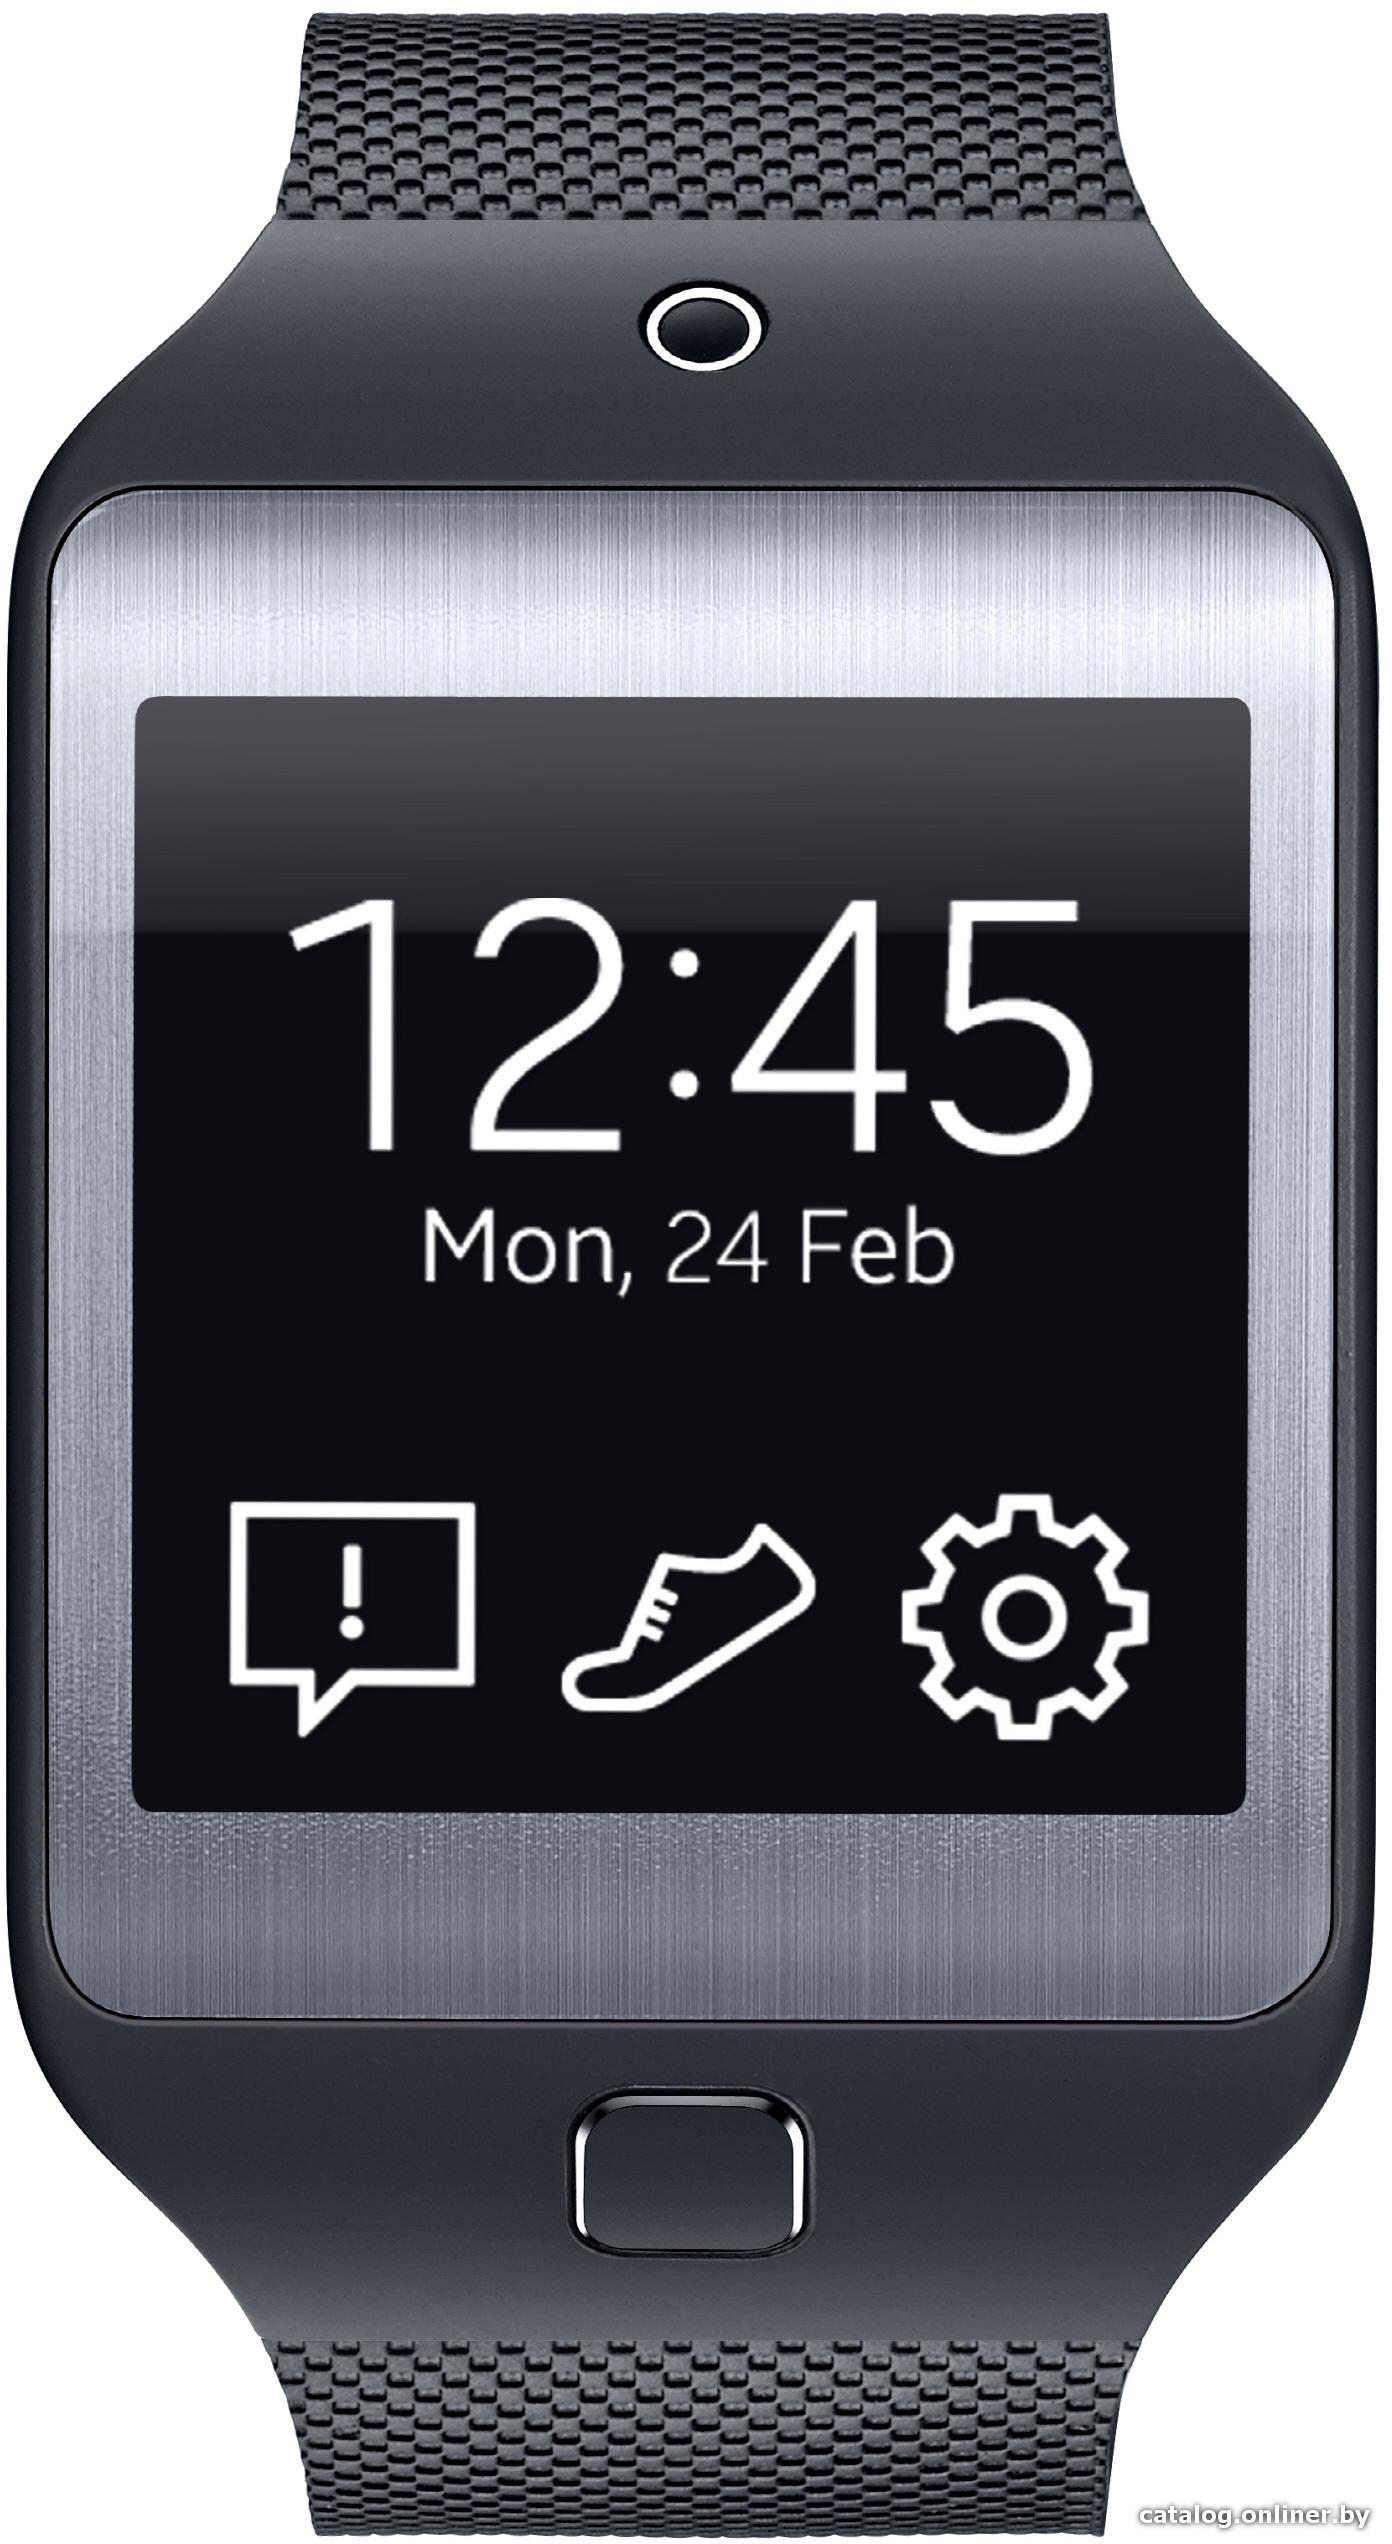 Купить часы samsung минске шестеренки от часов купить в